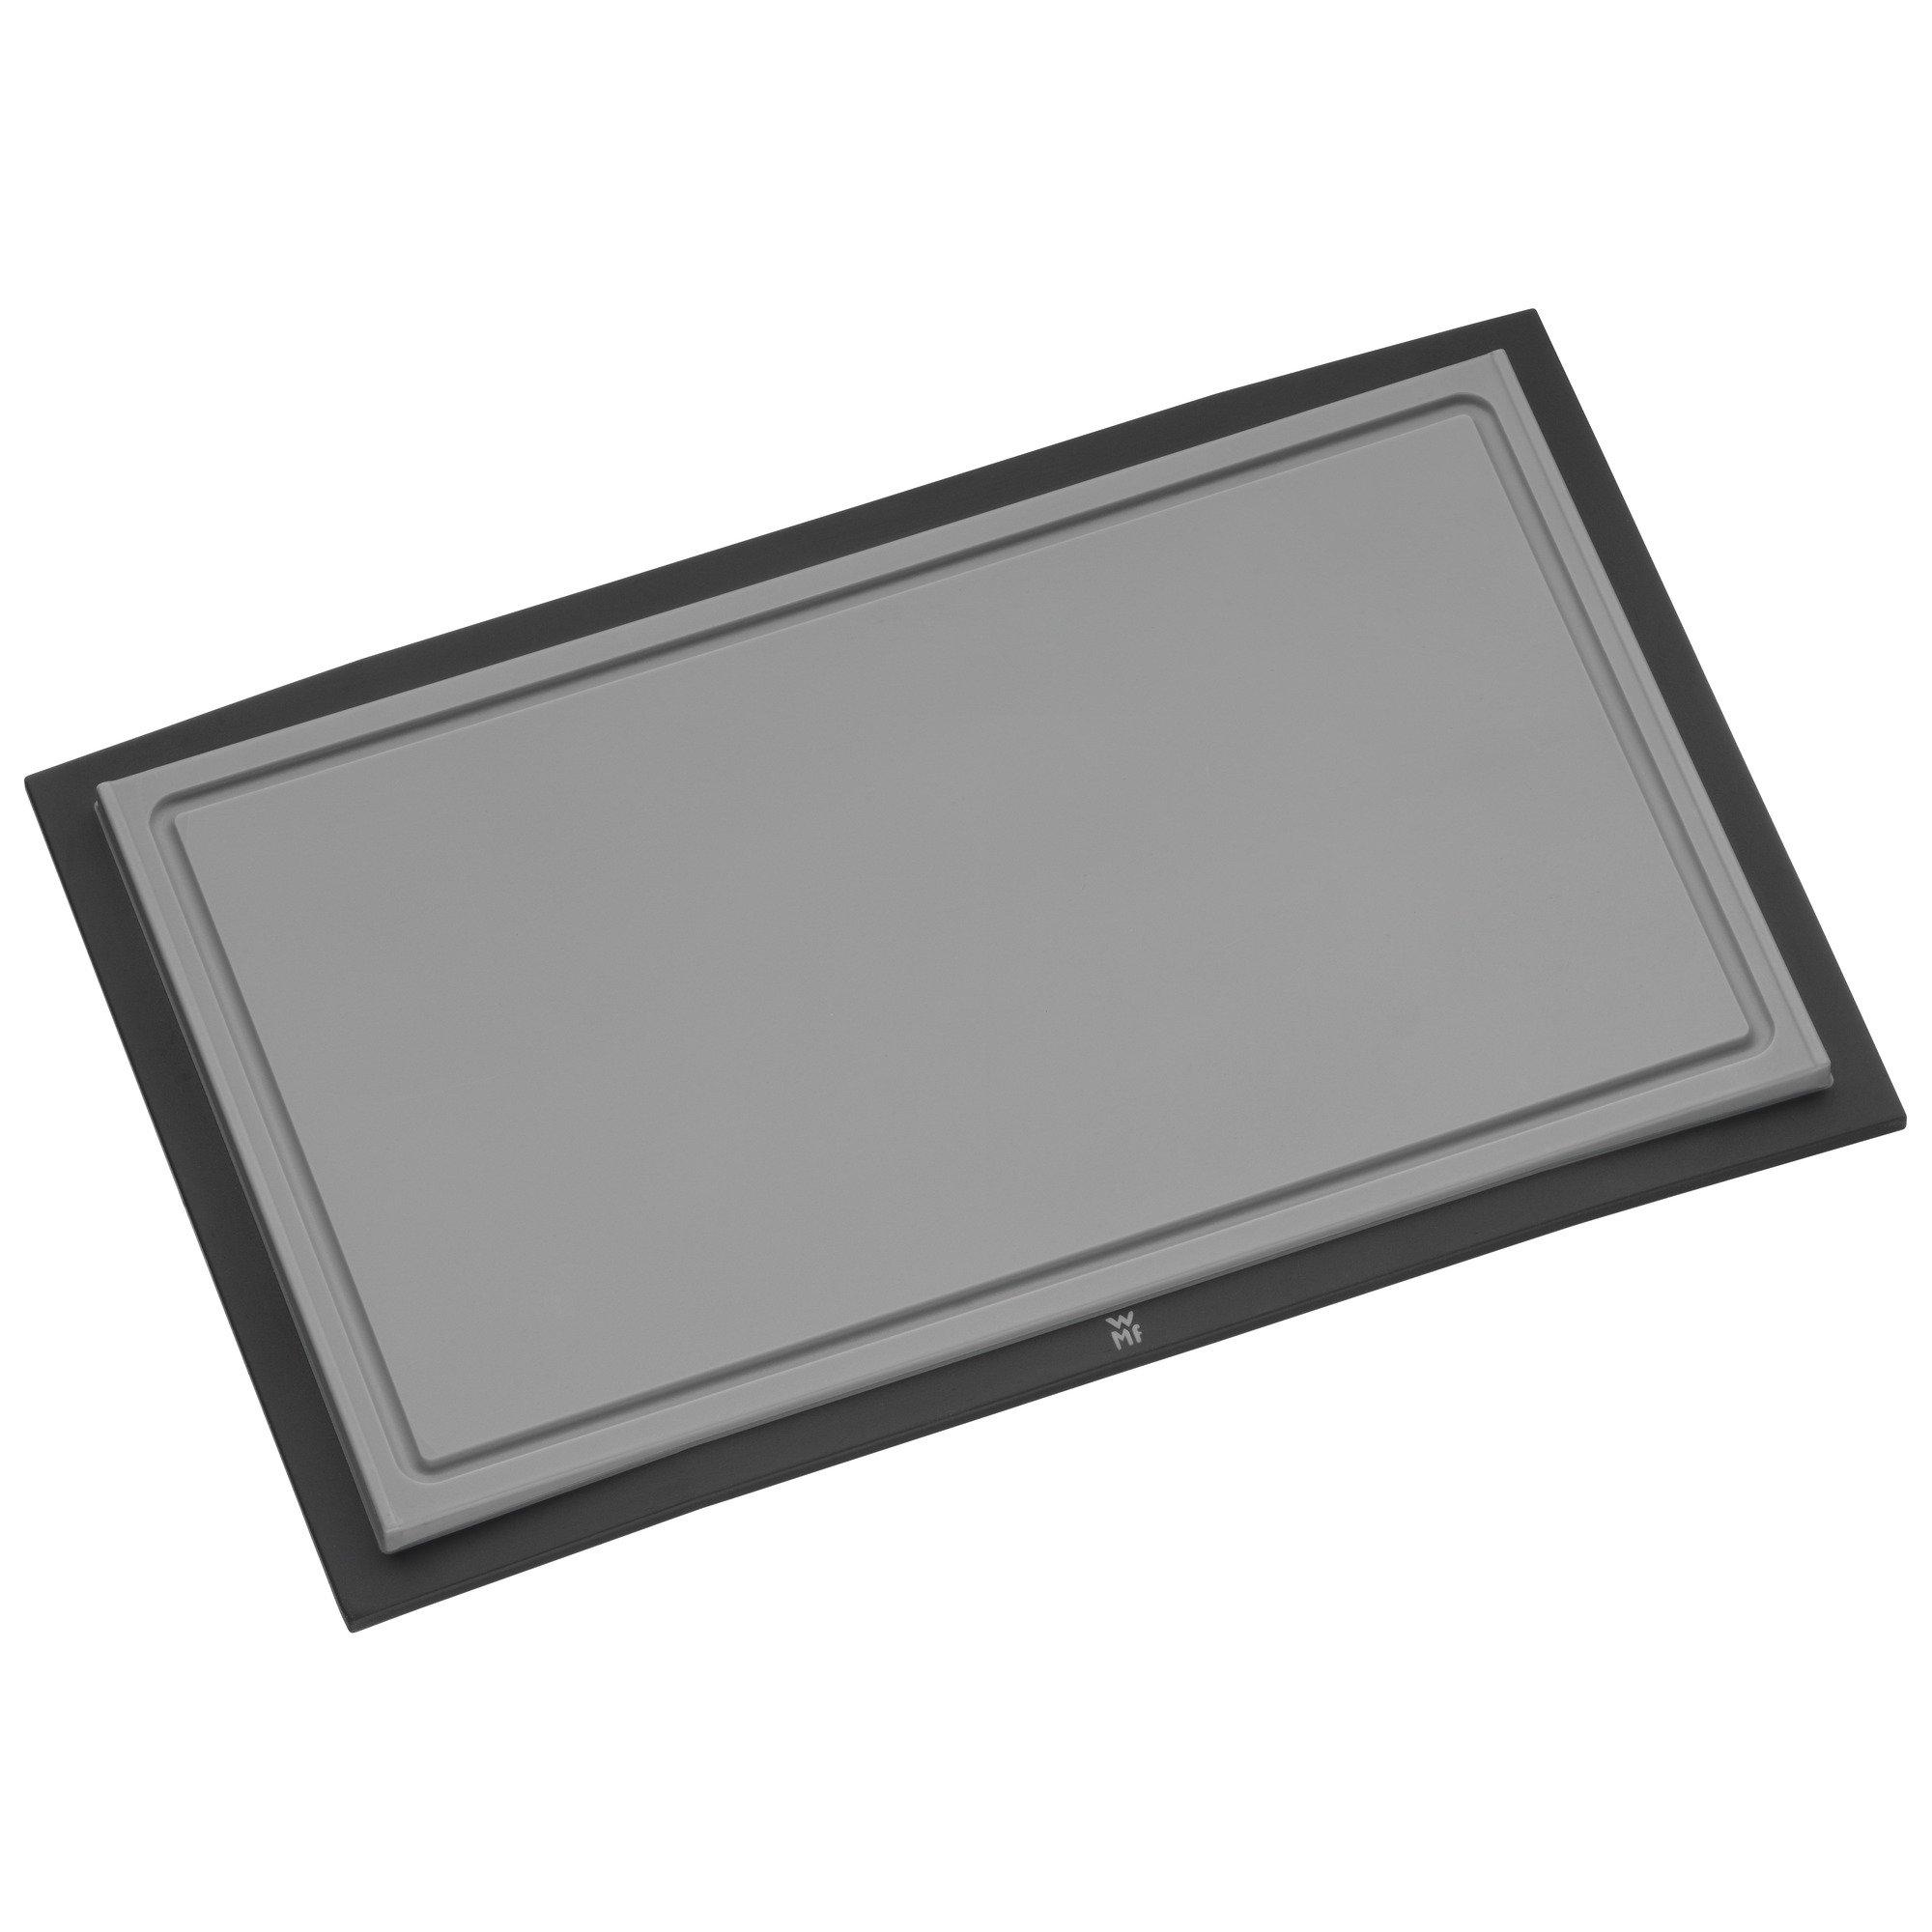 Anspruchsvoll Schneidebrett Beste Wahl Tranchierbrett Touch Schwarz 32 X 20 Cm